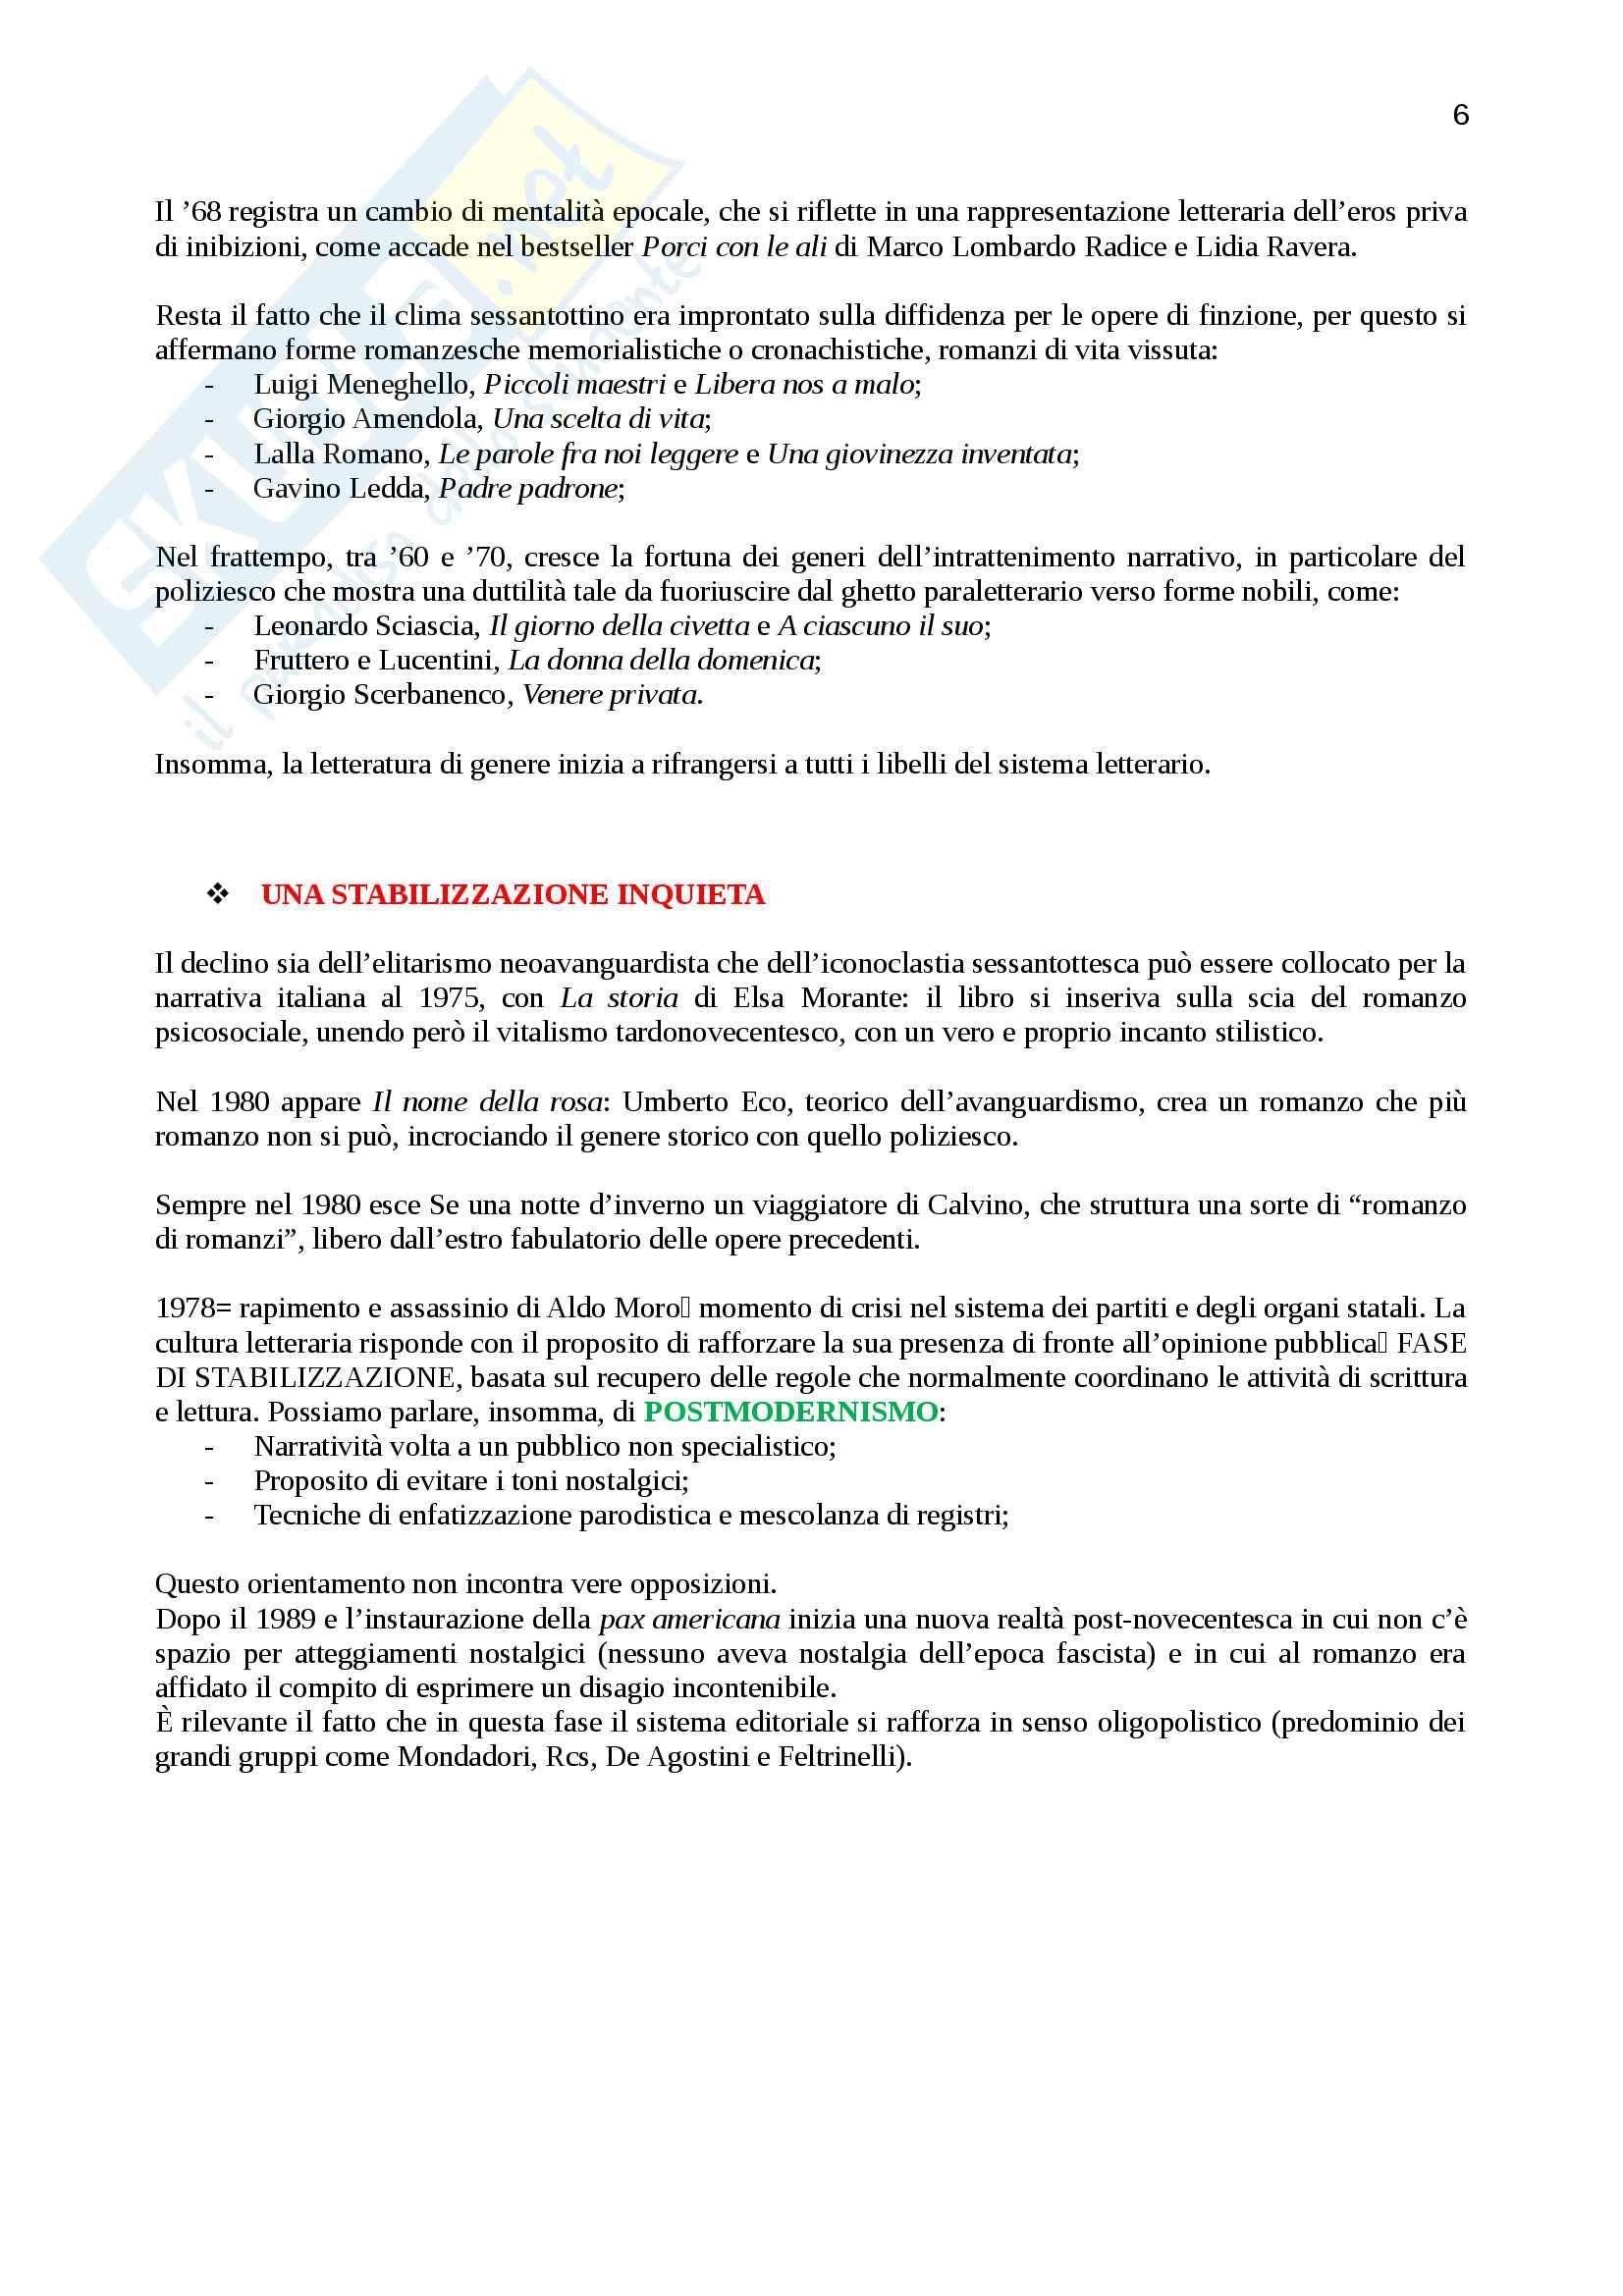 """Riassunto per """"Letteratura italiana otto-novecentesca"""", prof. Rosa, libro consigliato """"L'egemonia del romanzo"""" di Spinazzola , pag.7-68 Pag. 6"""